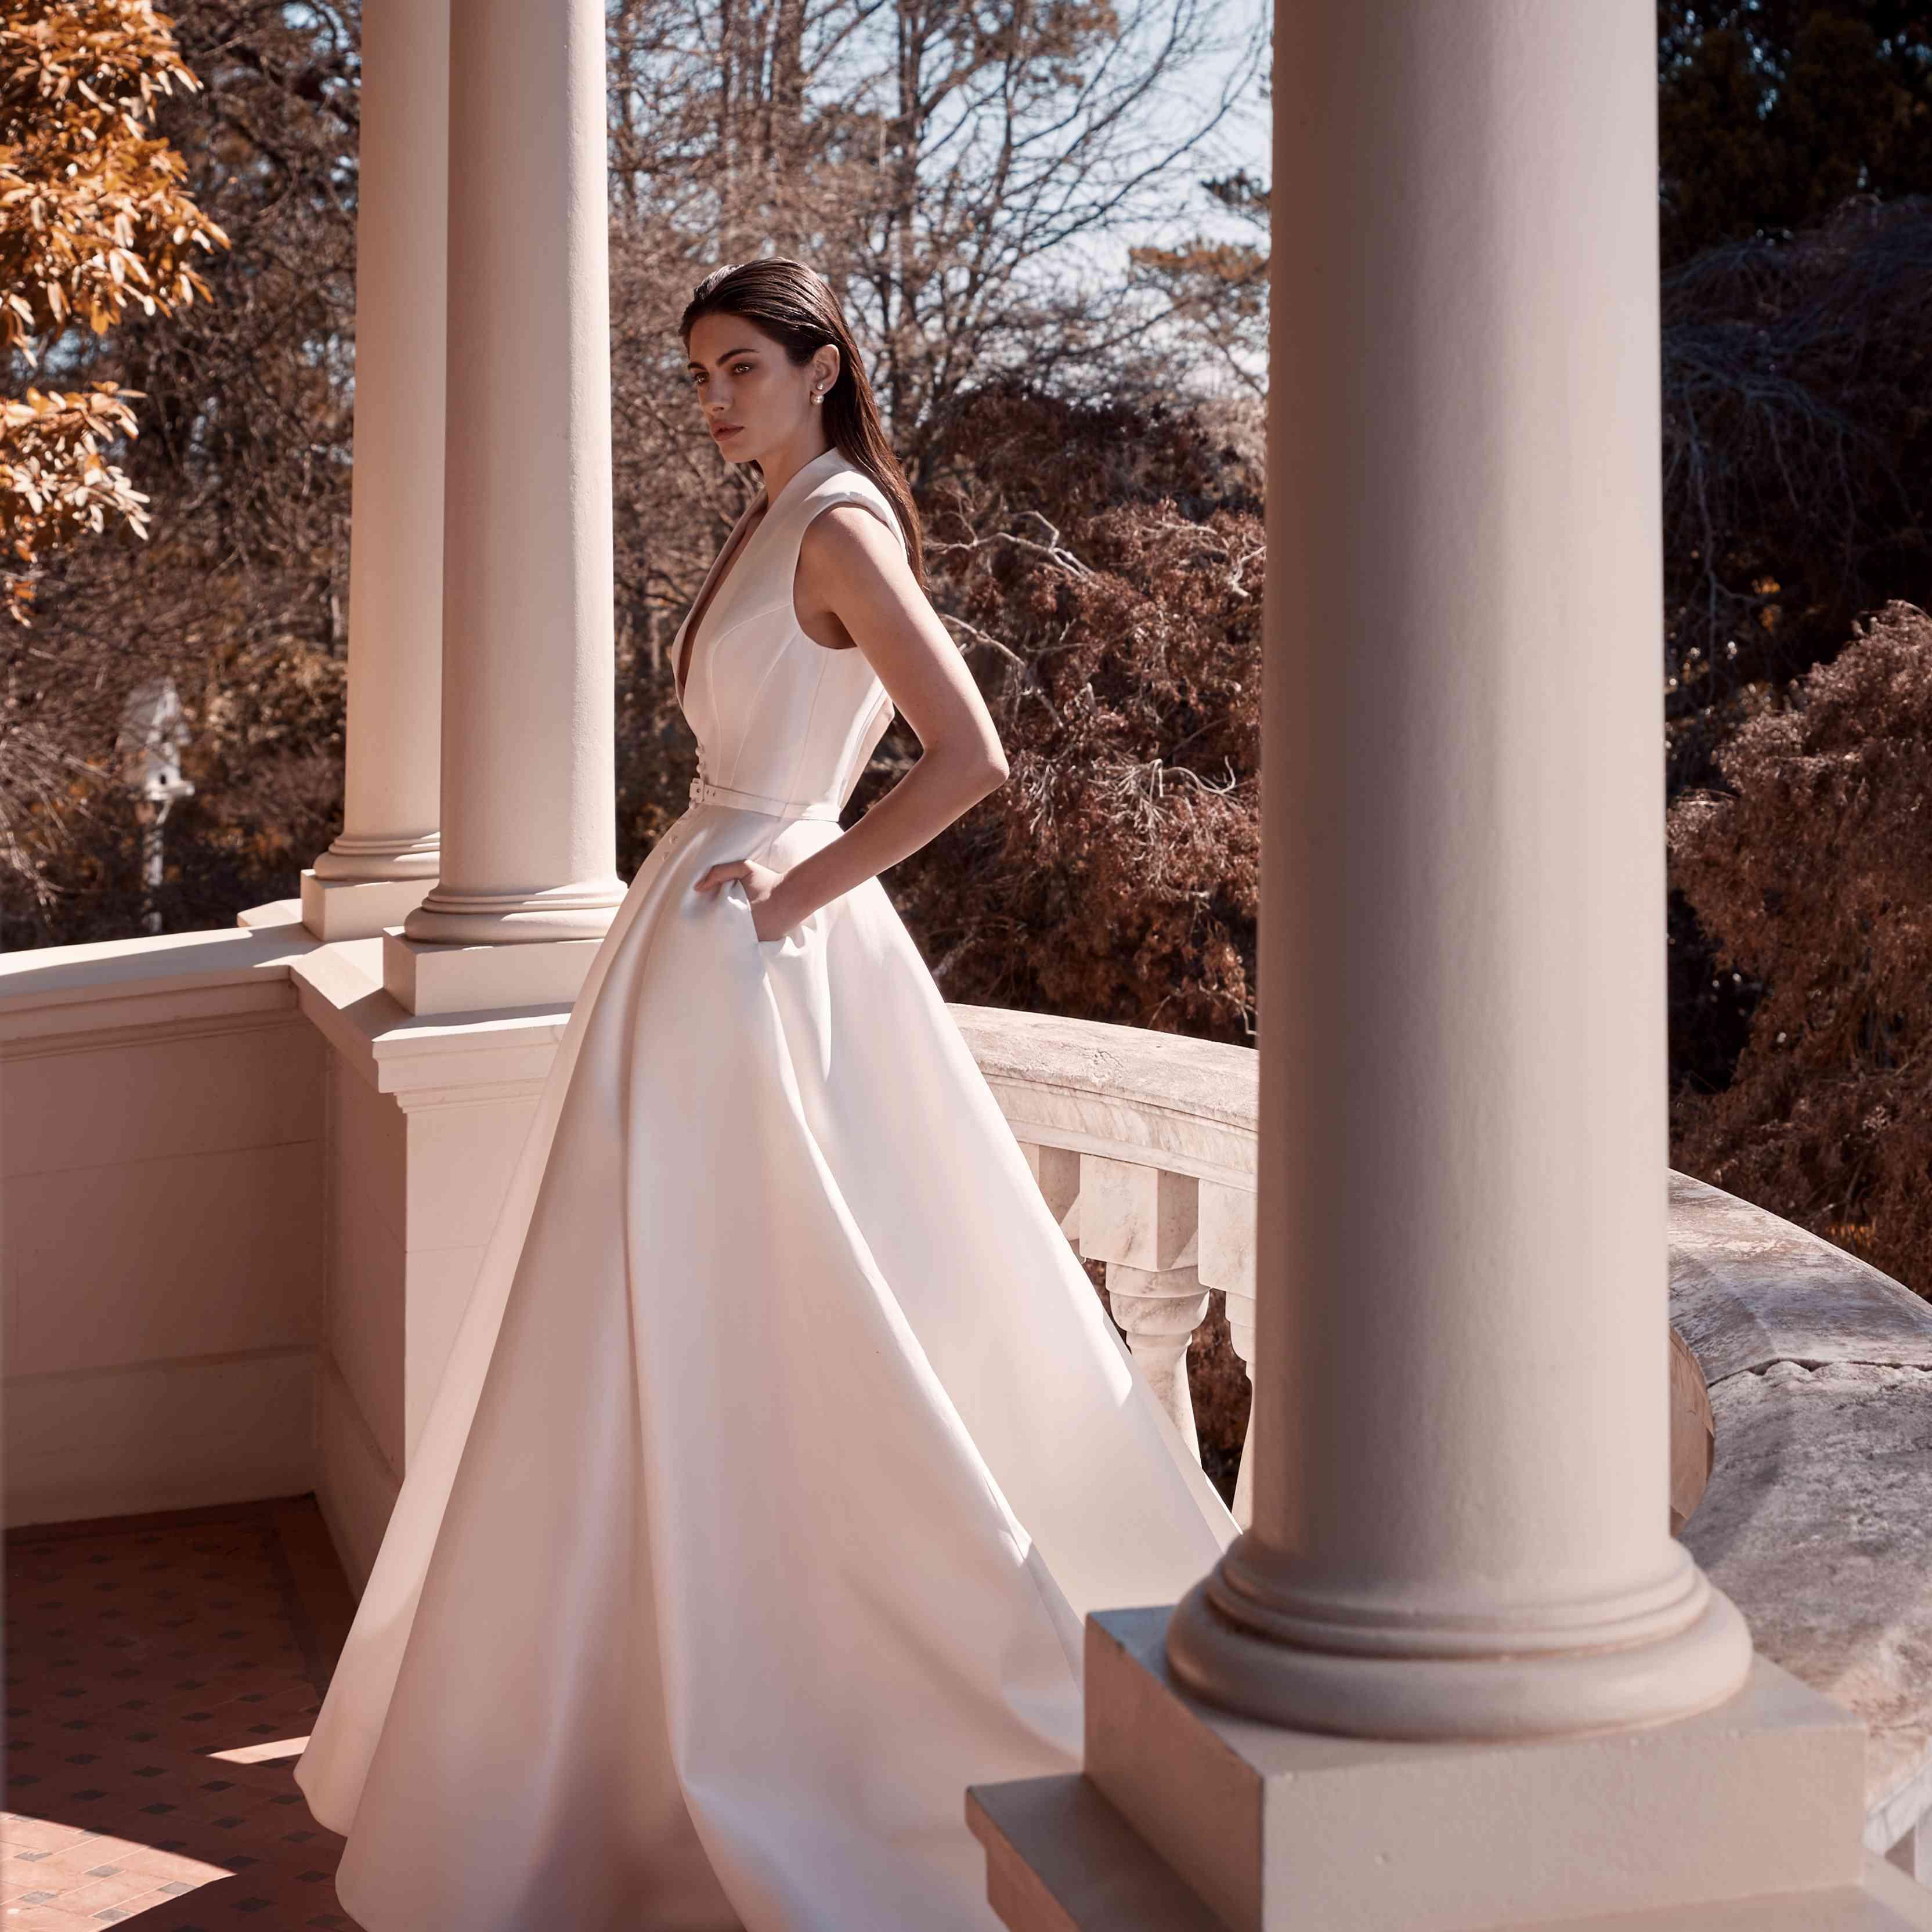 Bronwyn collared wedding dress